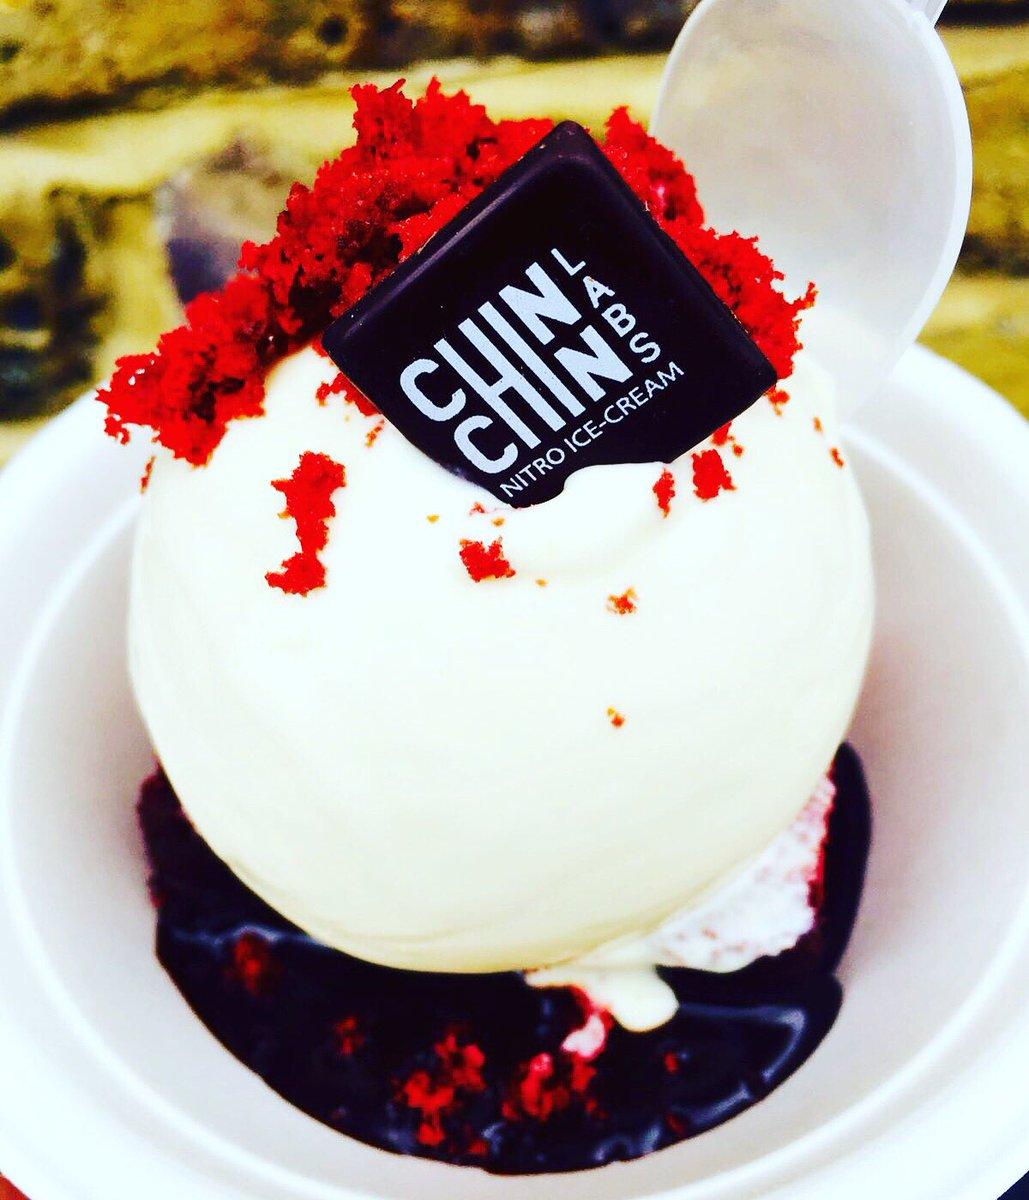 'Red Velvet Sundae' Moist red velvet cake,warm Chocolate sauce &Cream Cheese Frosting ice cream Only @streetfeastldn https://t.co/kFkCuJbGKG